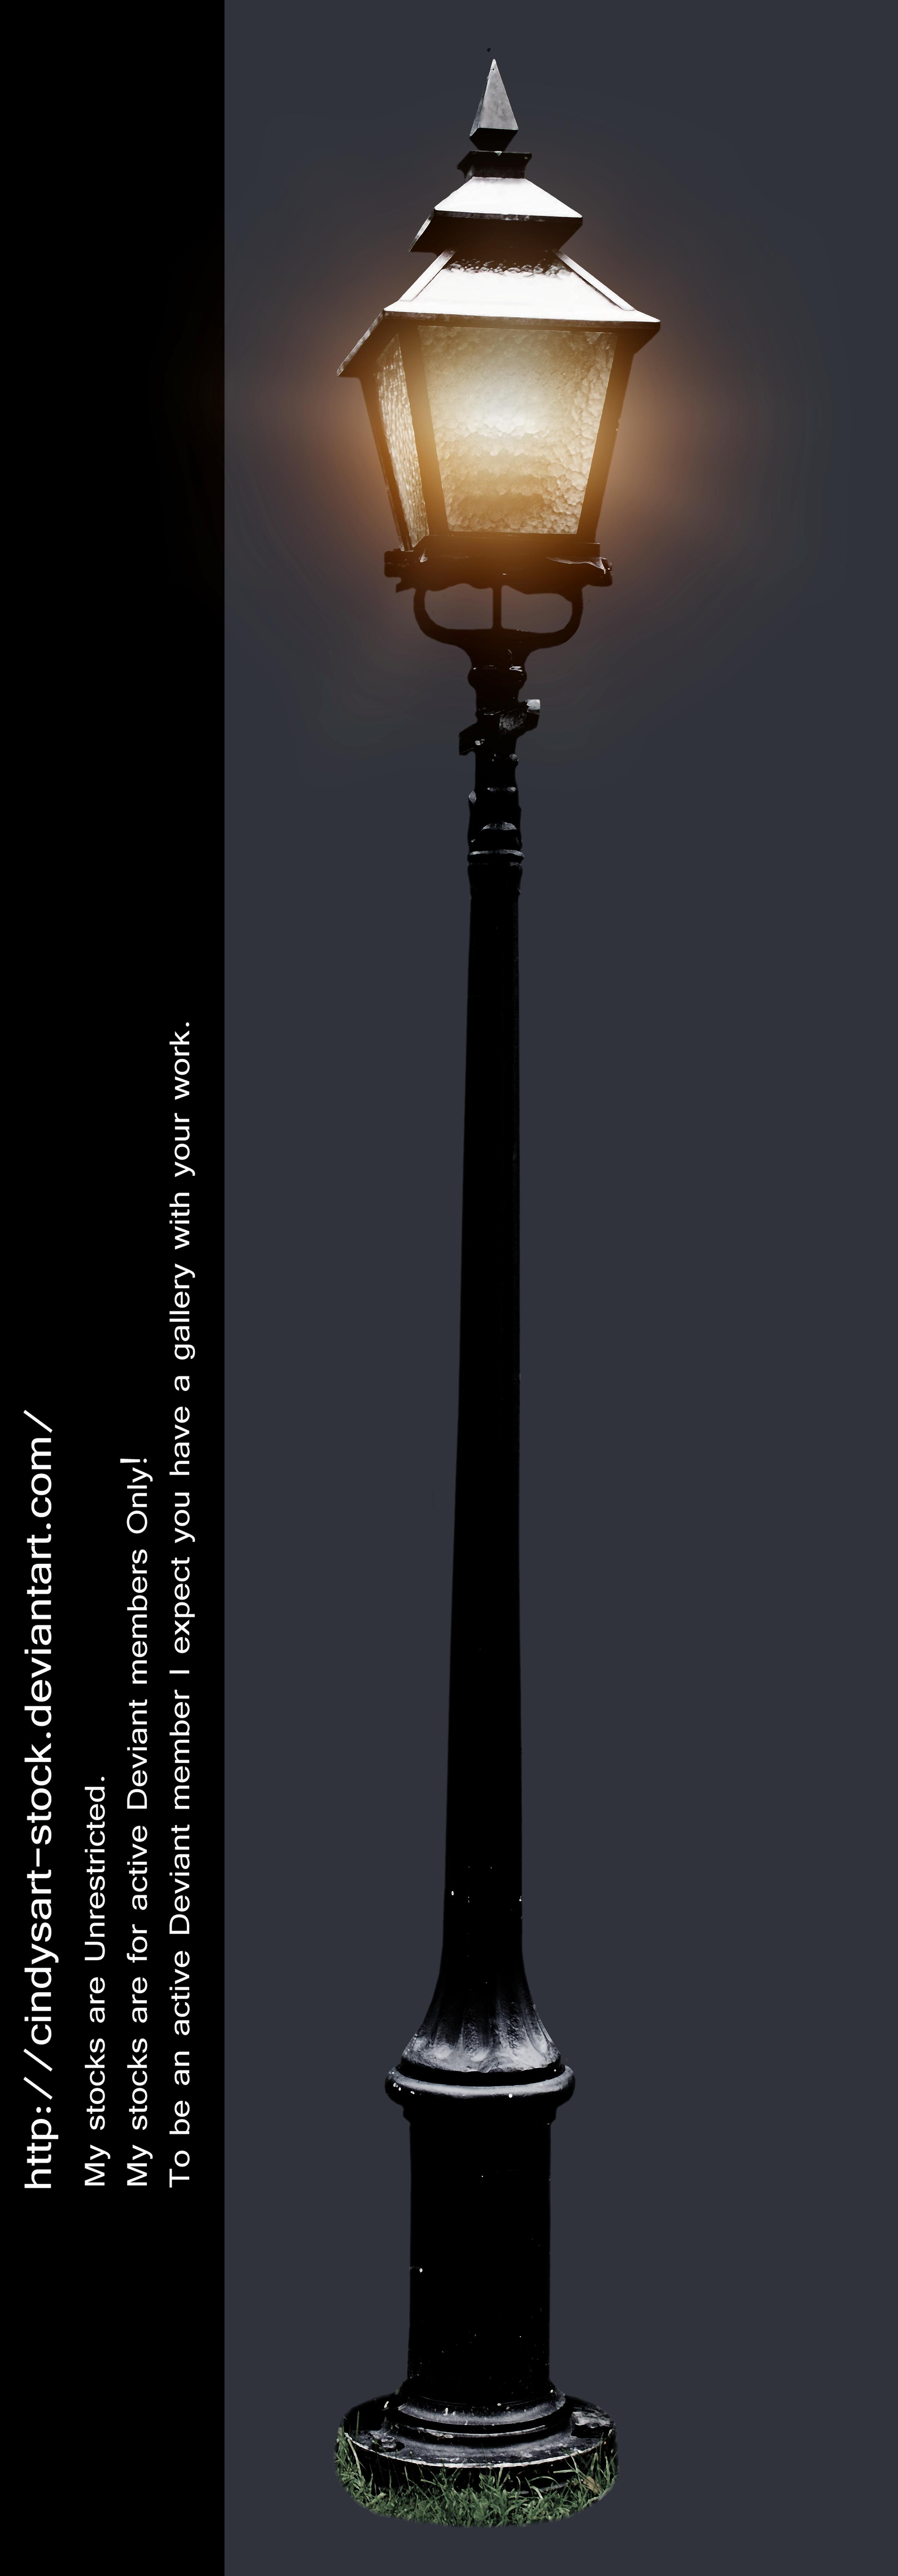 lamp 2 PSD cindysart-stock